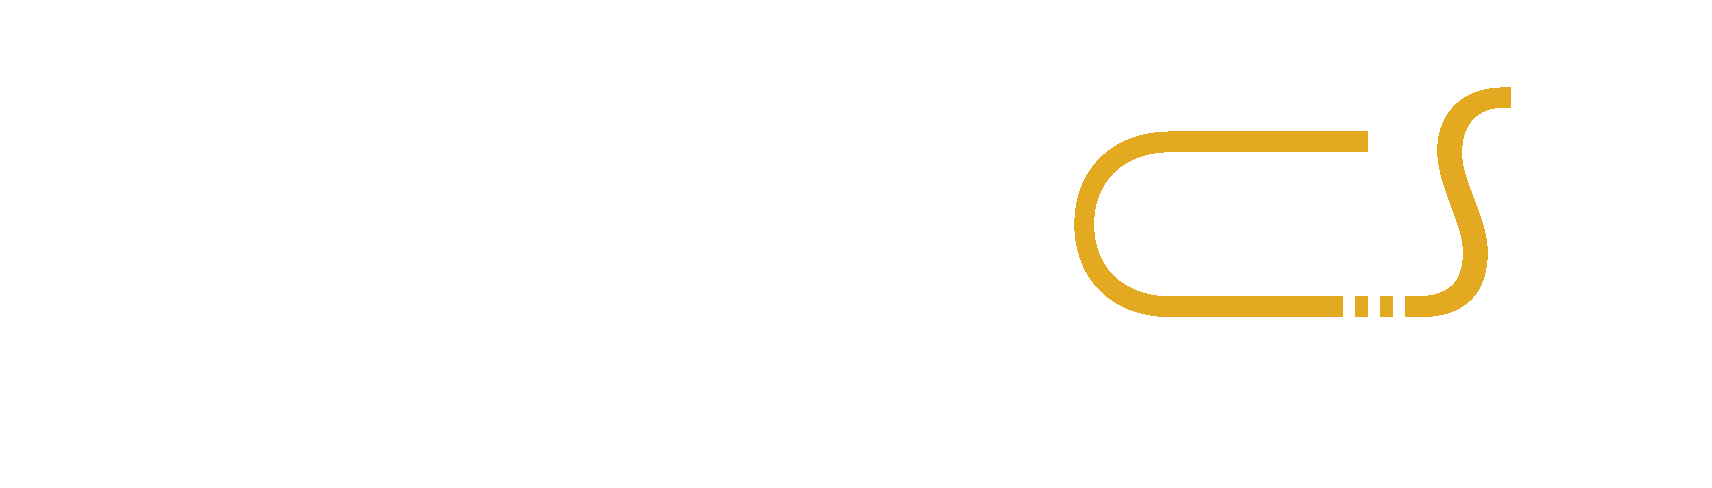 Autostrada Campogalliano Sassuolo S.p.A.